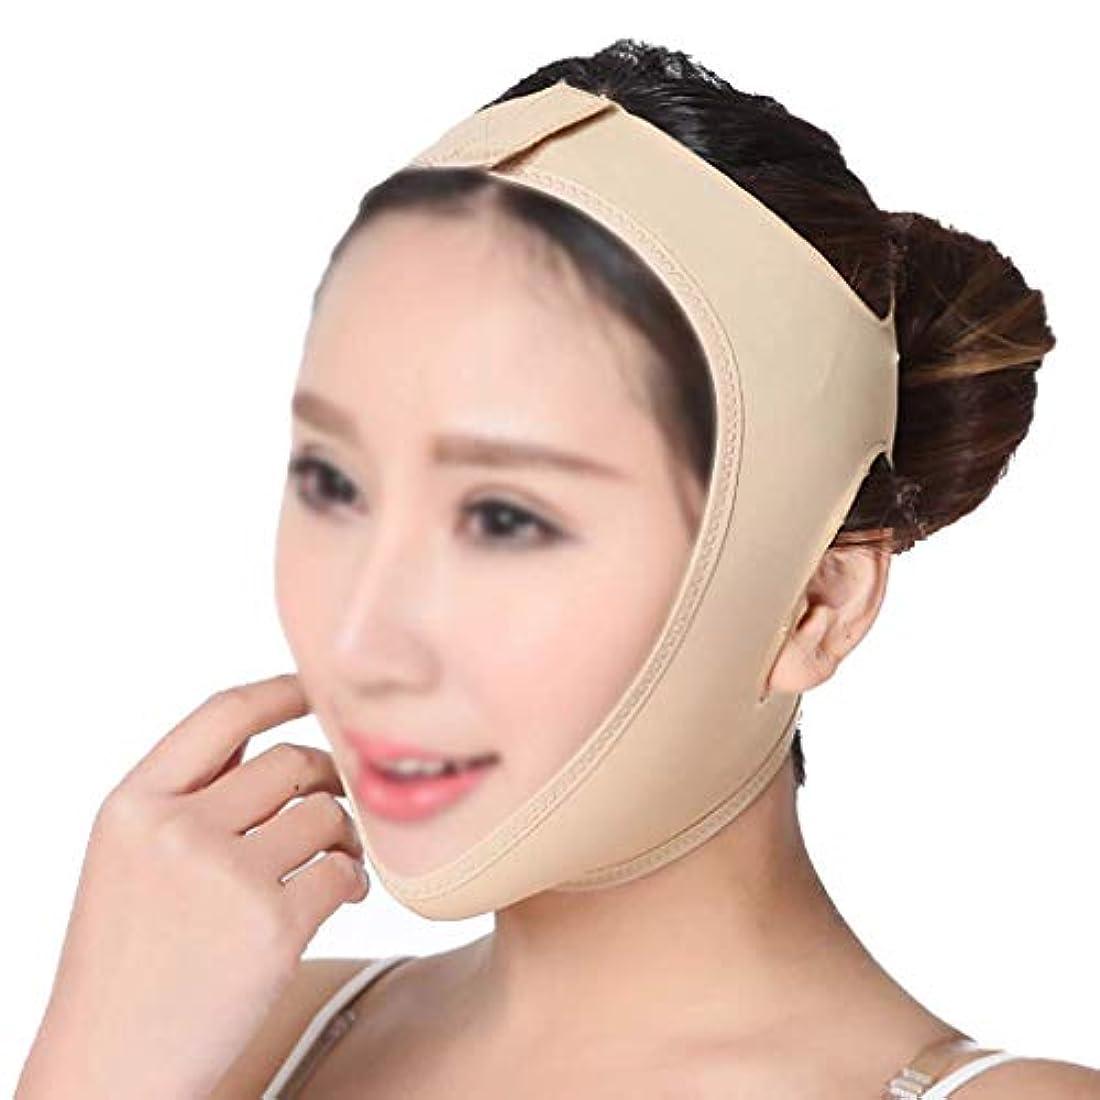 包帯Vフェイス楽器フェイスマスクアーチファクトフェイスリフト引き締めエッセンス通気性肌の色送信マッサージホイール(サイズ:M)